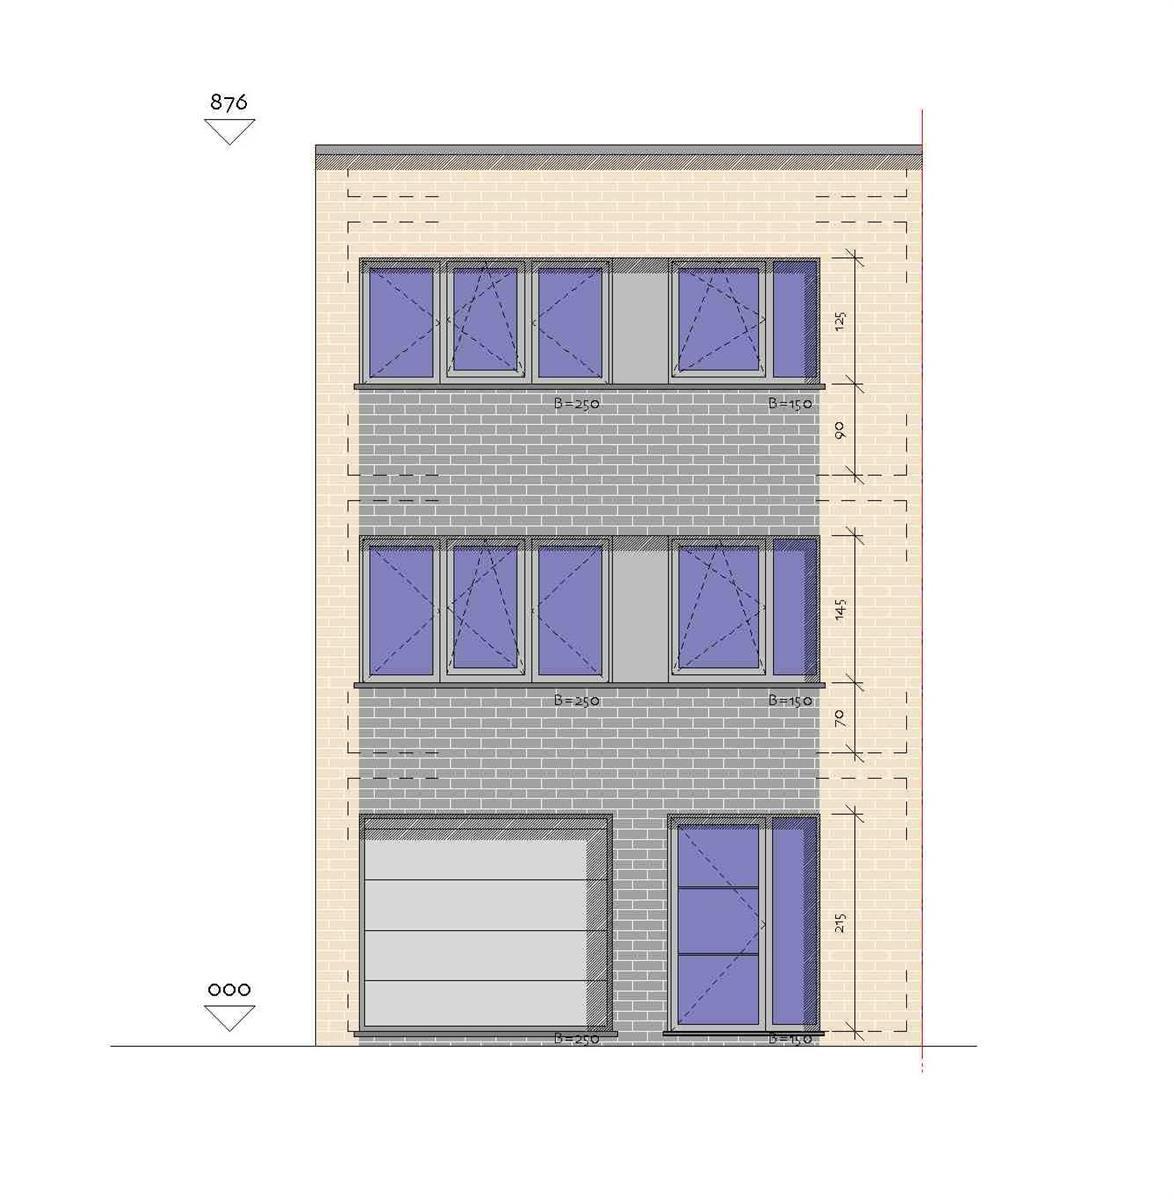 Nieuwbouwproject met 2 op te richten half-open bebouwingen